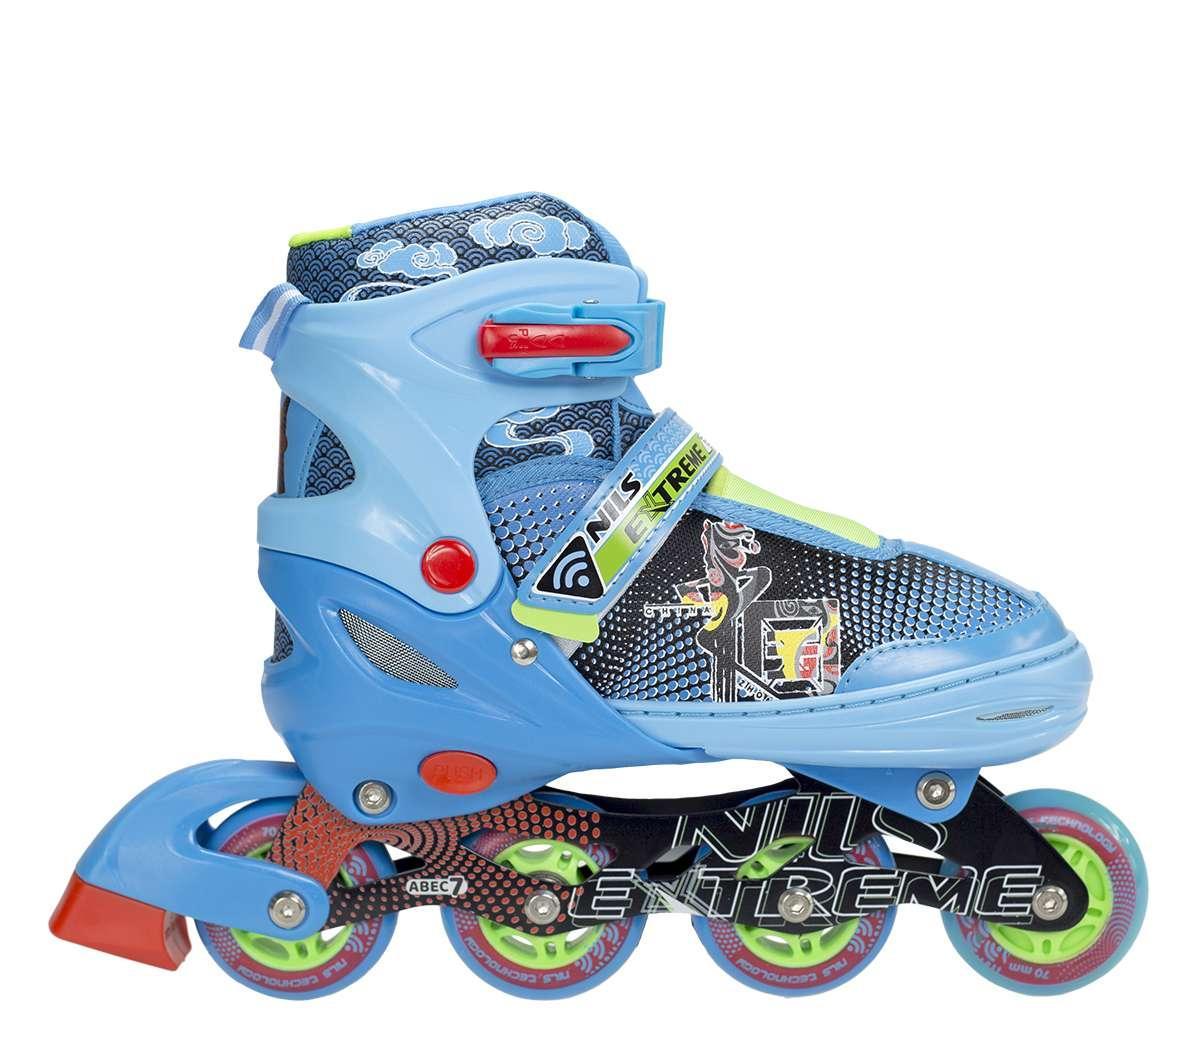 Роликовые коньки Nils Extreme синие Size 34-37 NJ4605A SKL41-227320